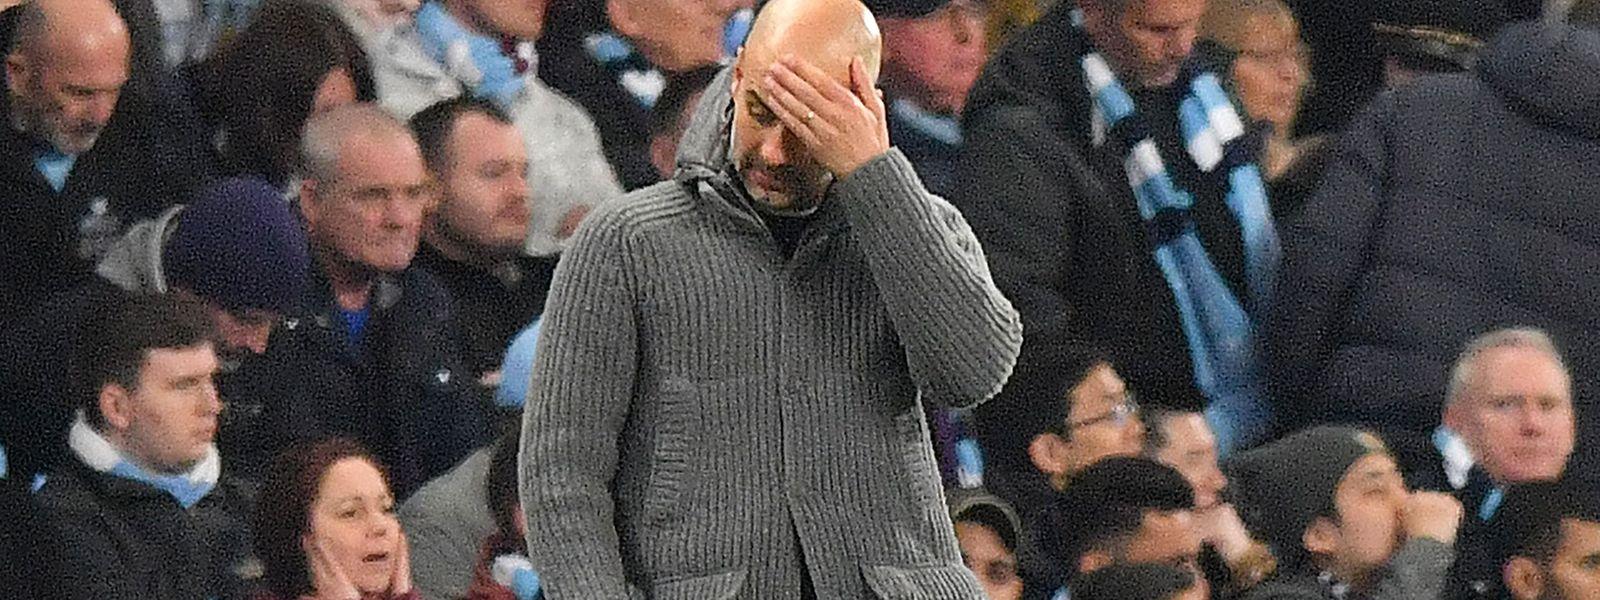 L'avenir de l'entraîneur Pep Guardiola, à qui il ne reste qu'une année de contrat, est certainement remis en question.